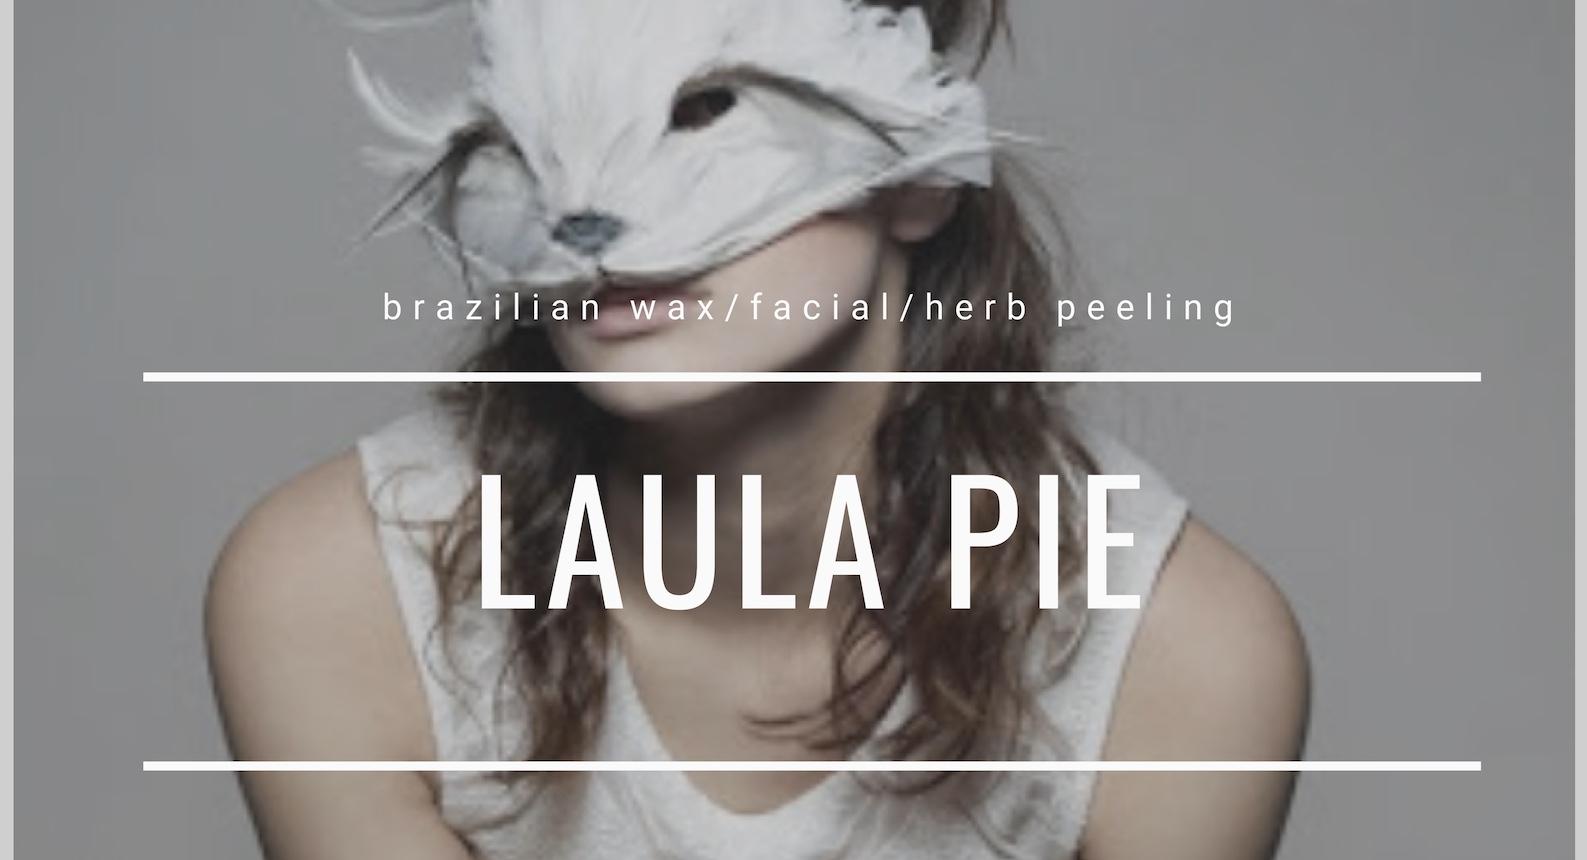 ブラジリアンワックス脱毛&フェイシャル LAULA PIE